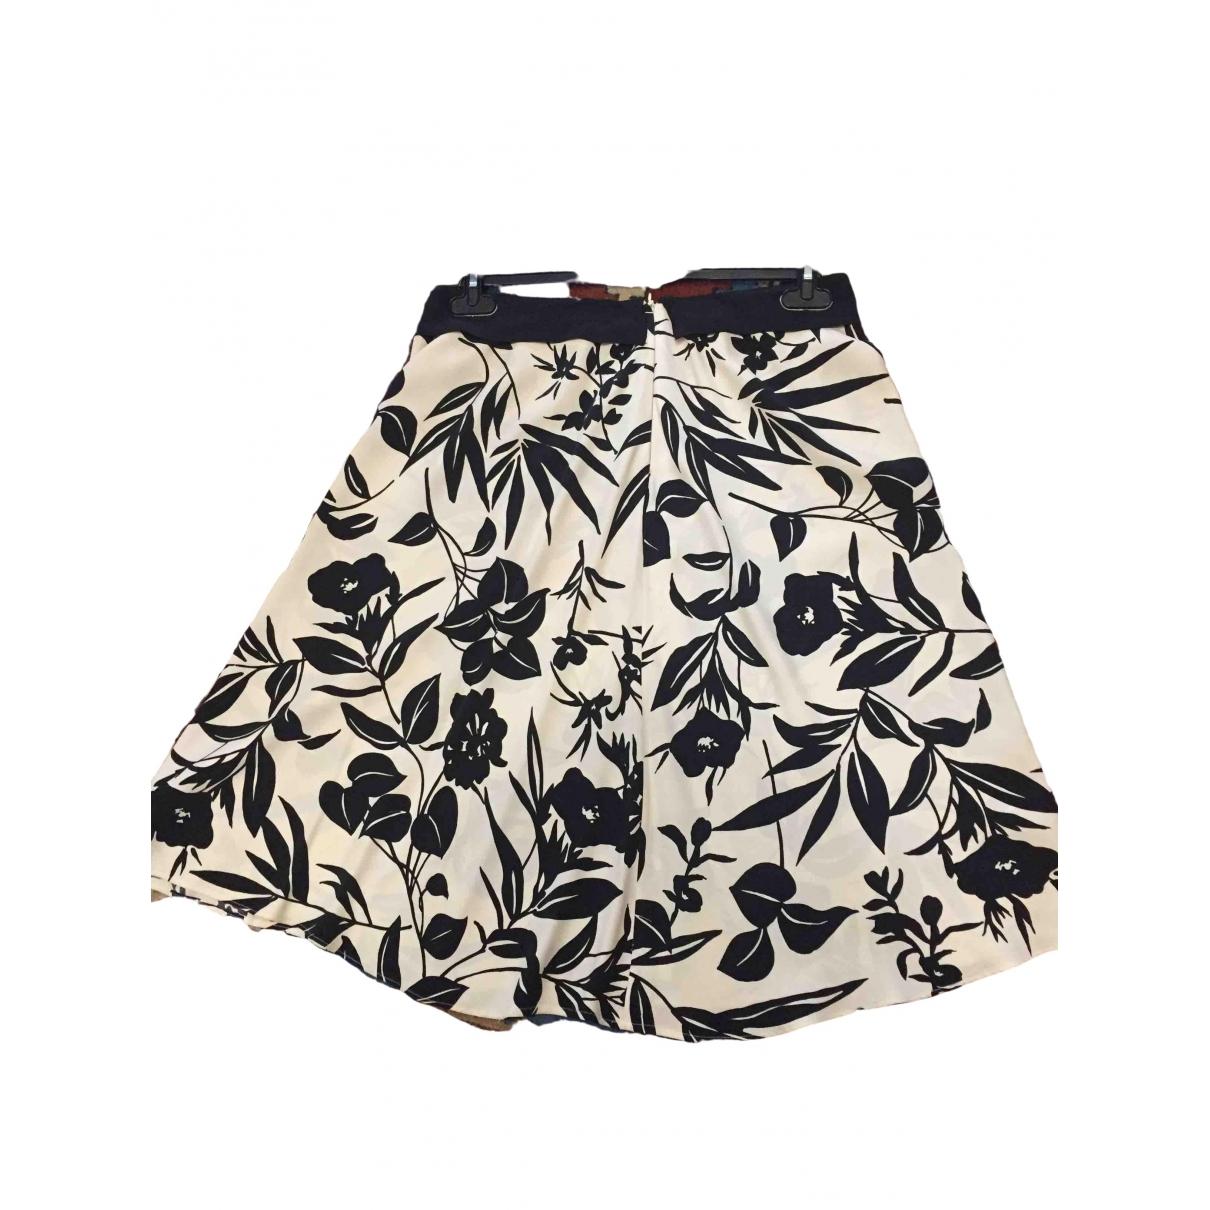 Etro \N White skirt for Women 46 IT